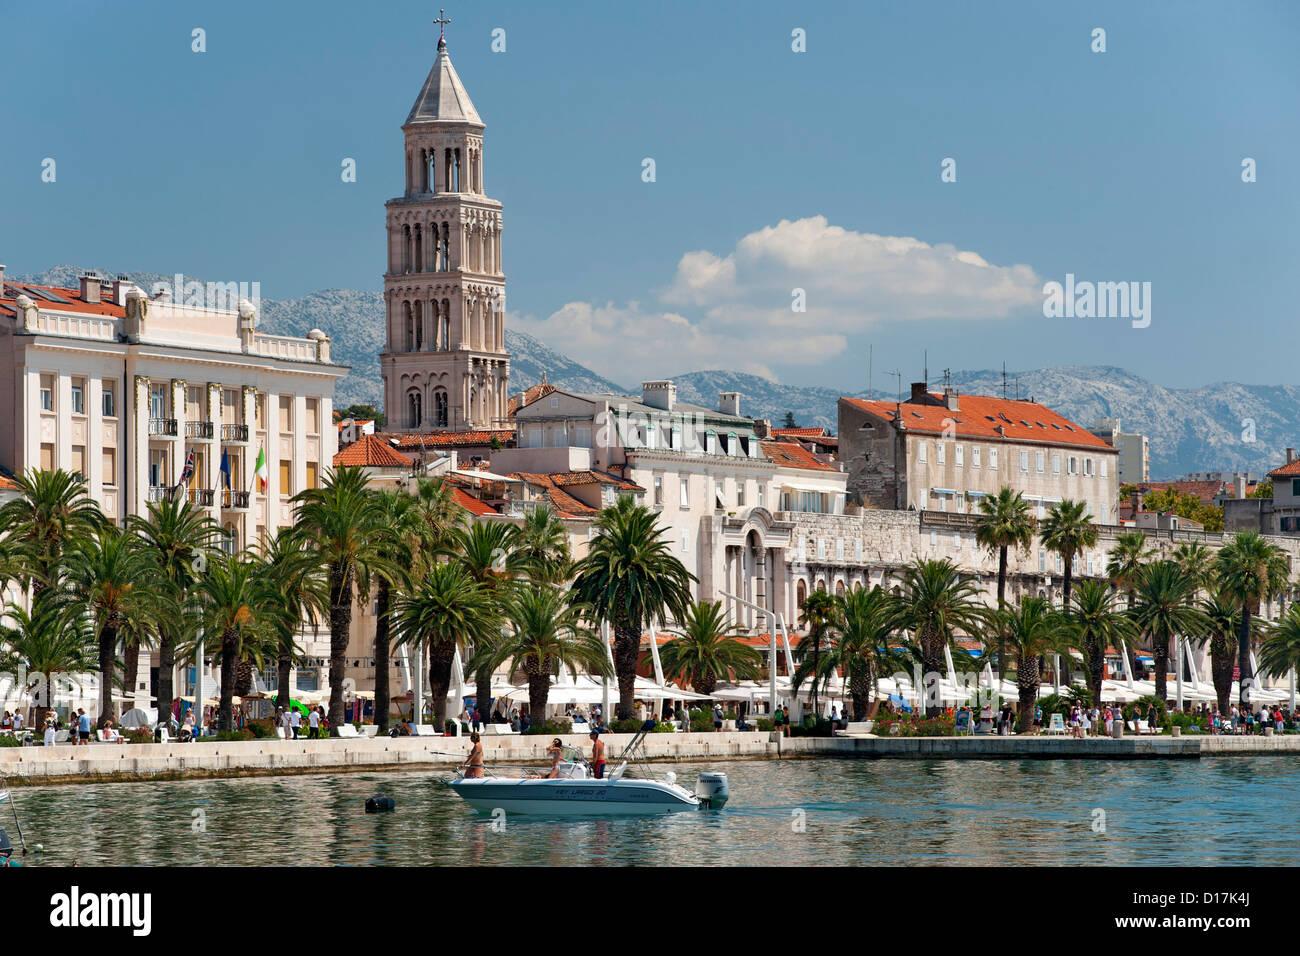 Il lungomare e la torre della cattedrale di San Domnio nella città di Spalato in Croazia. Foto Stock